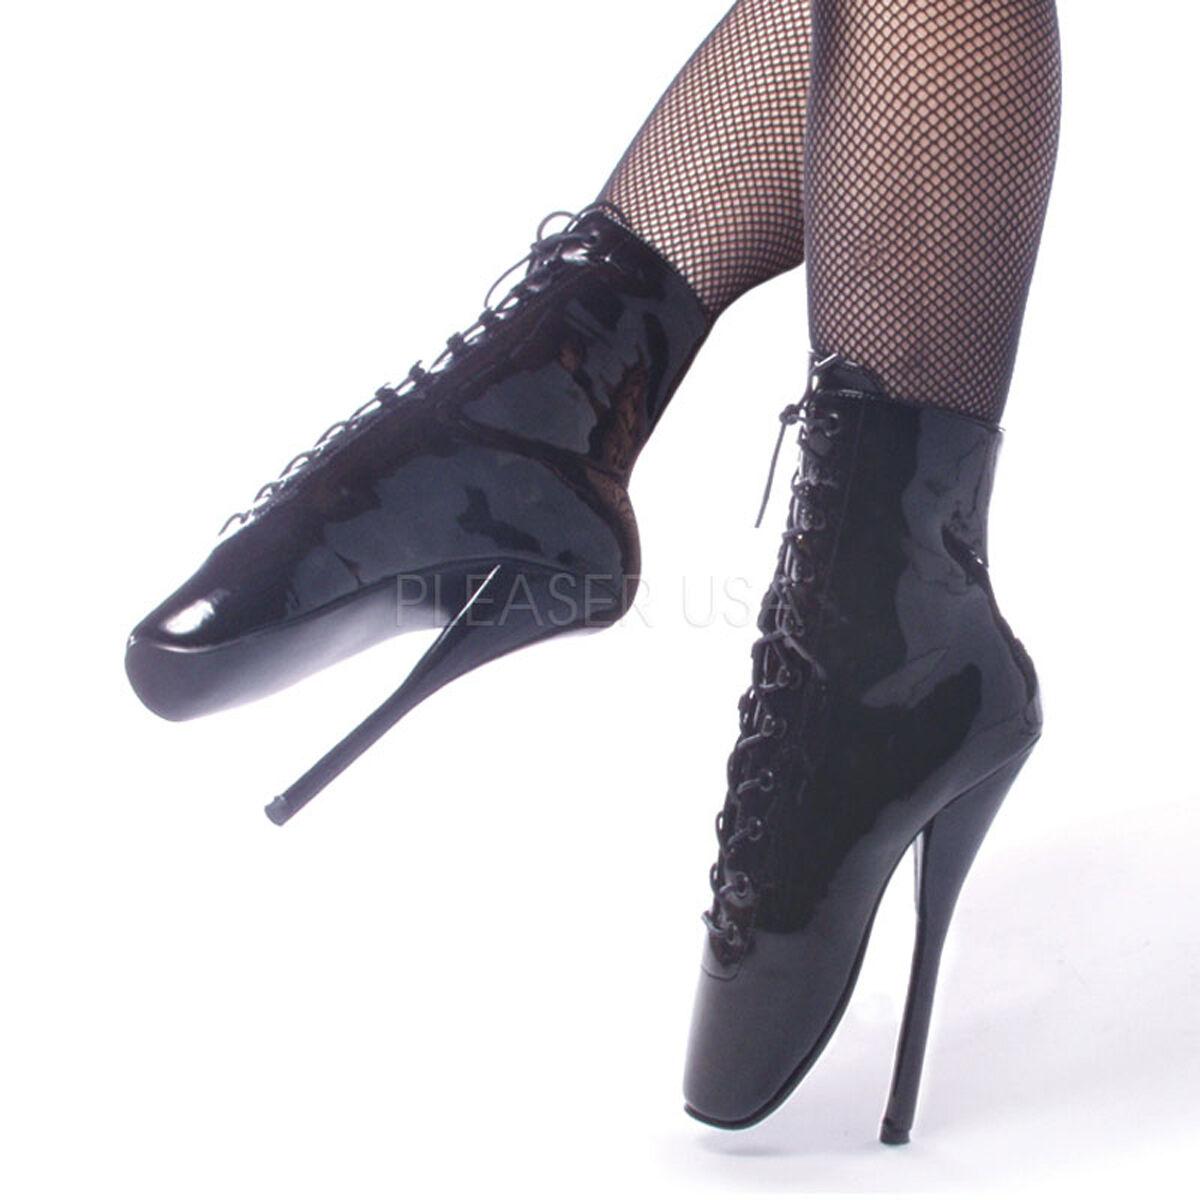 BAL1020 B Sexy exótico exótico exótico Extreme 7  Tacón Alto botas al Tobillo Ballet Negro  nuevo sádico